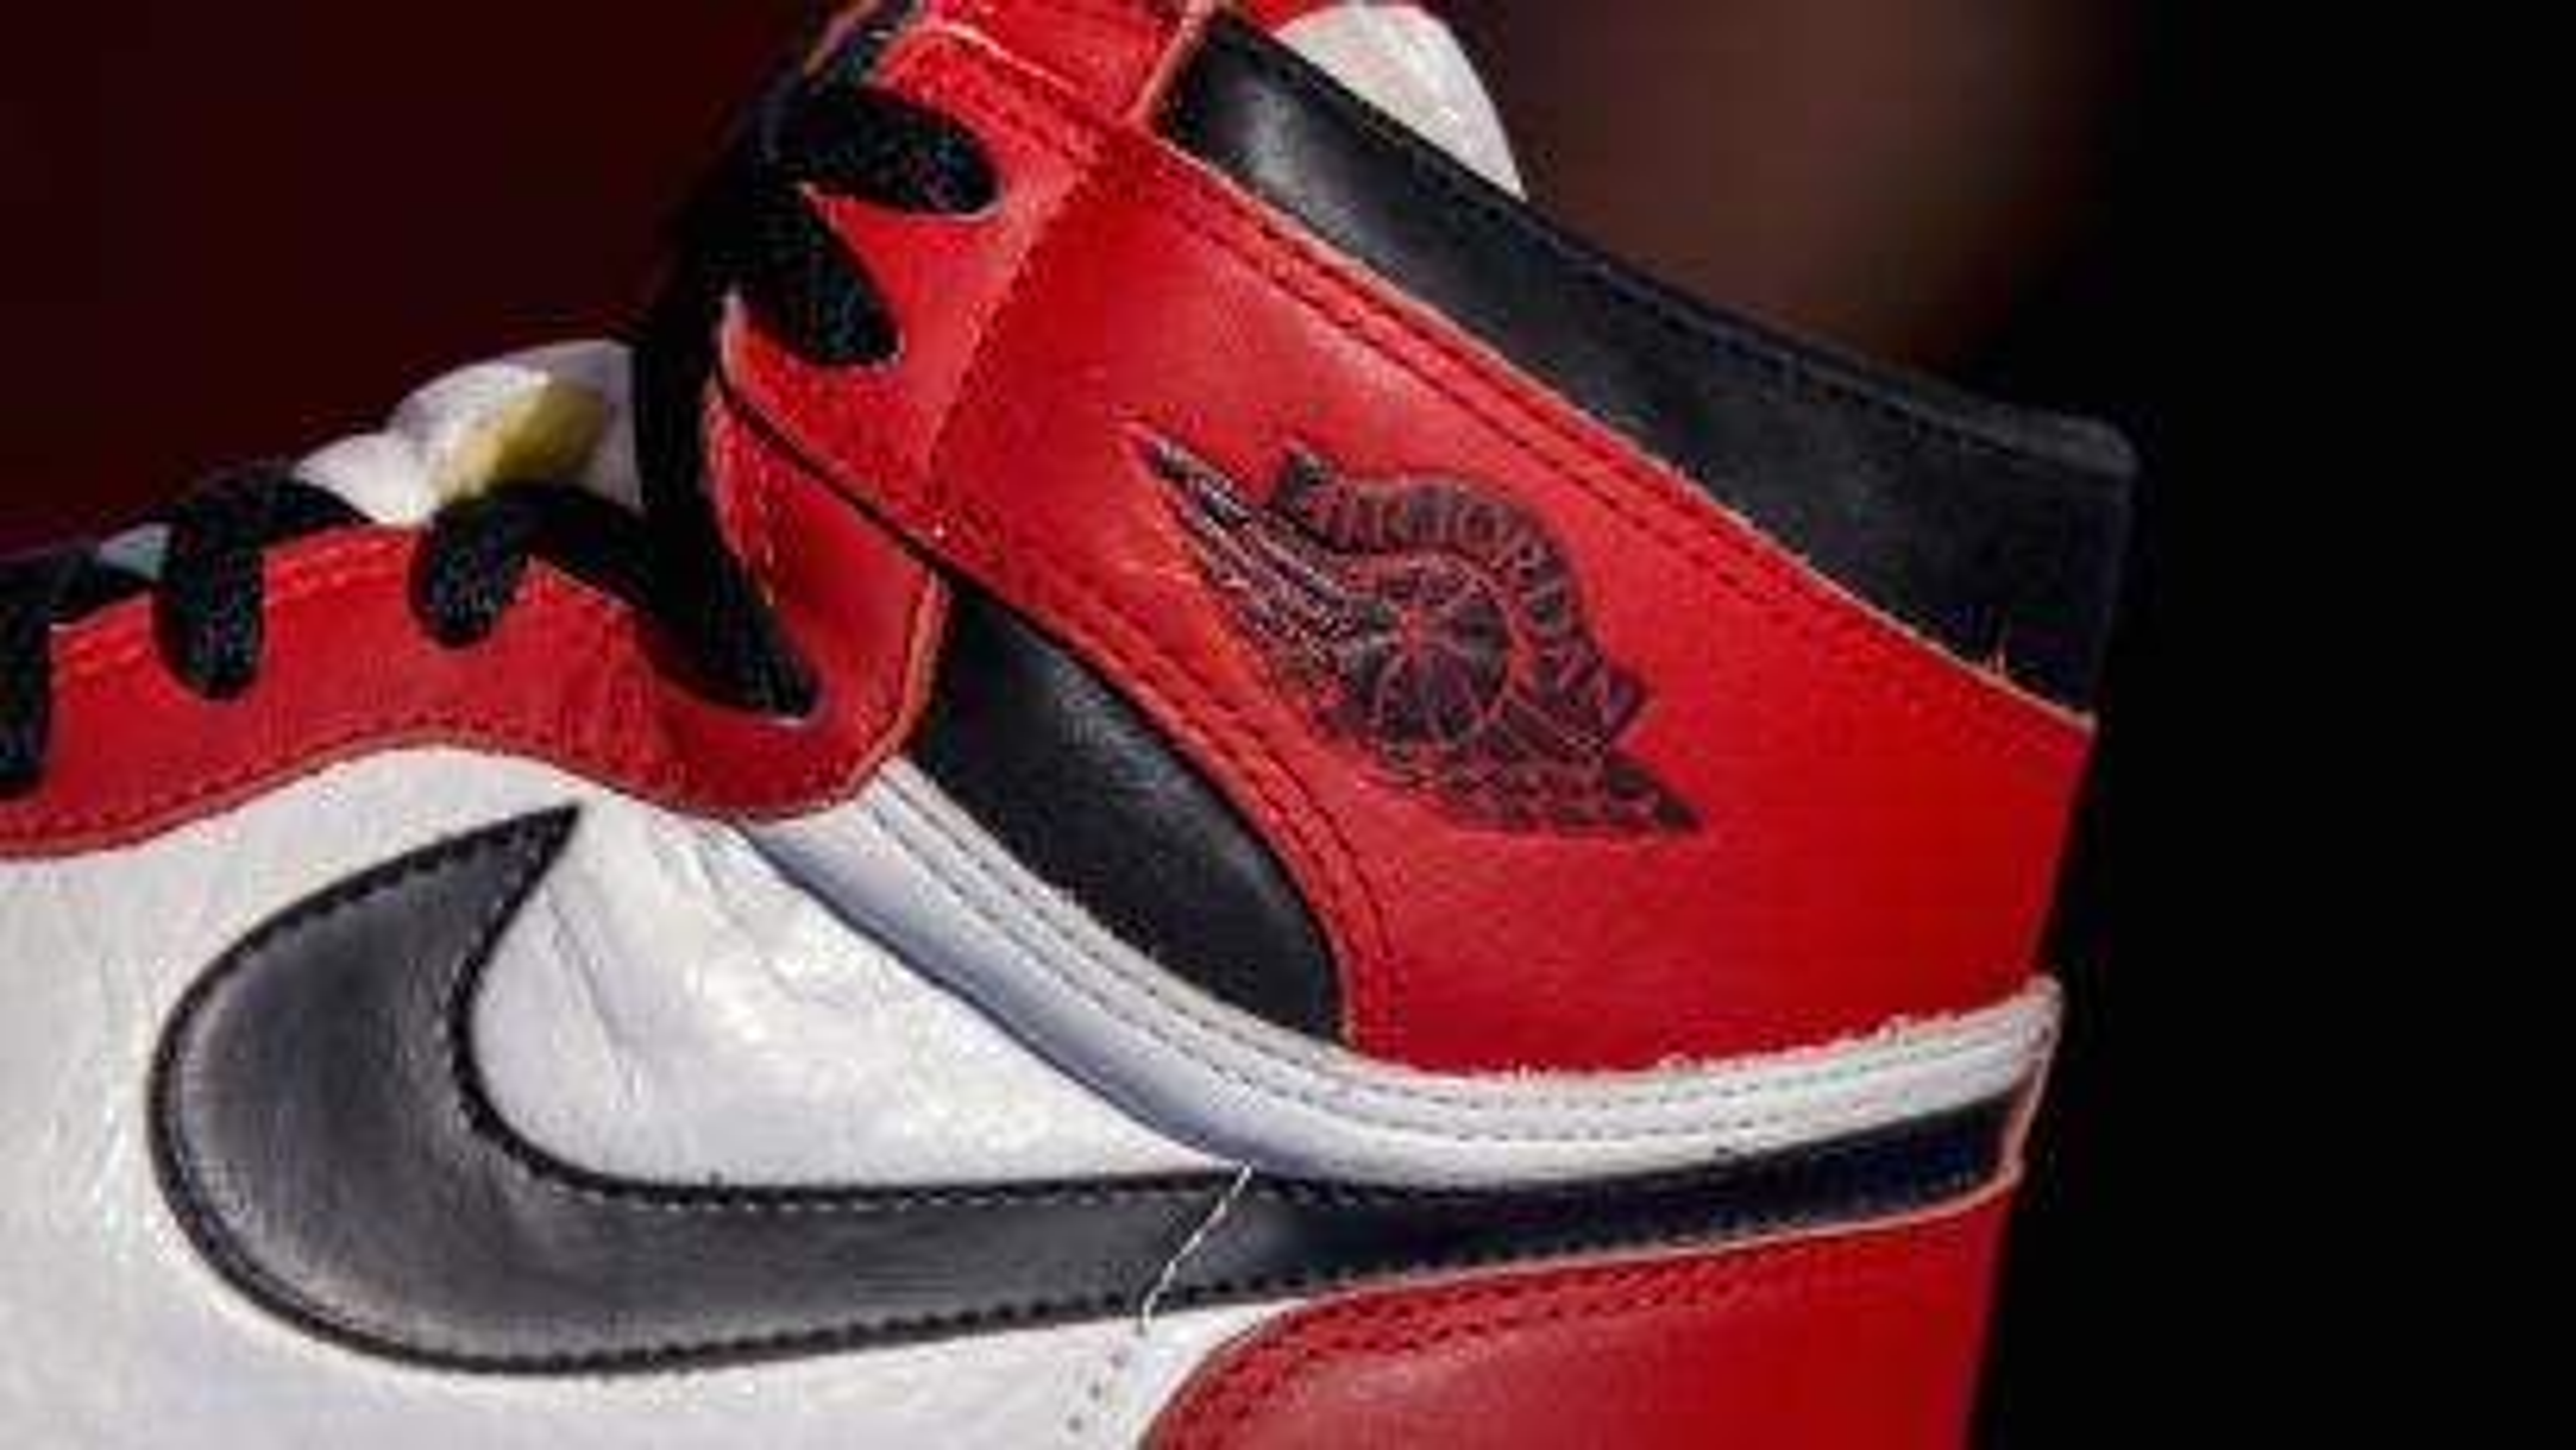 A photo of the original red and black Air Jordan sneaker